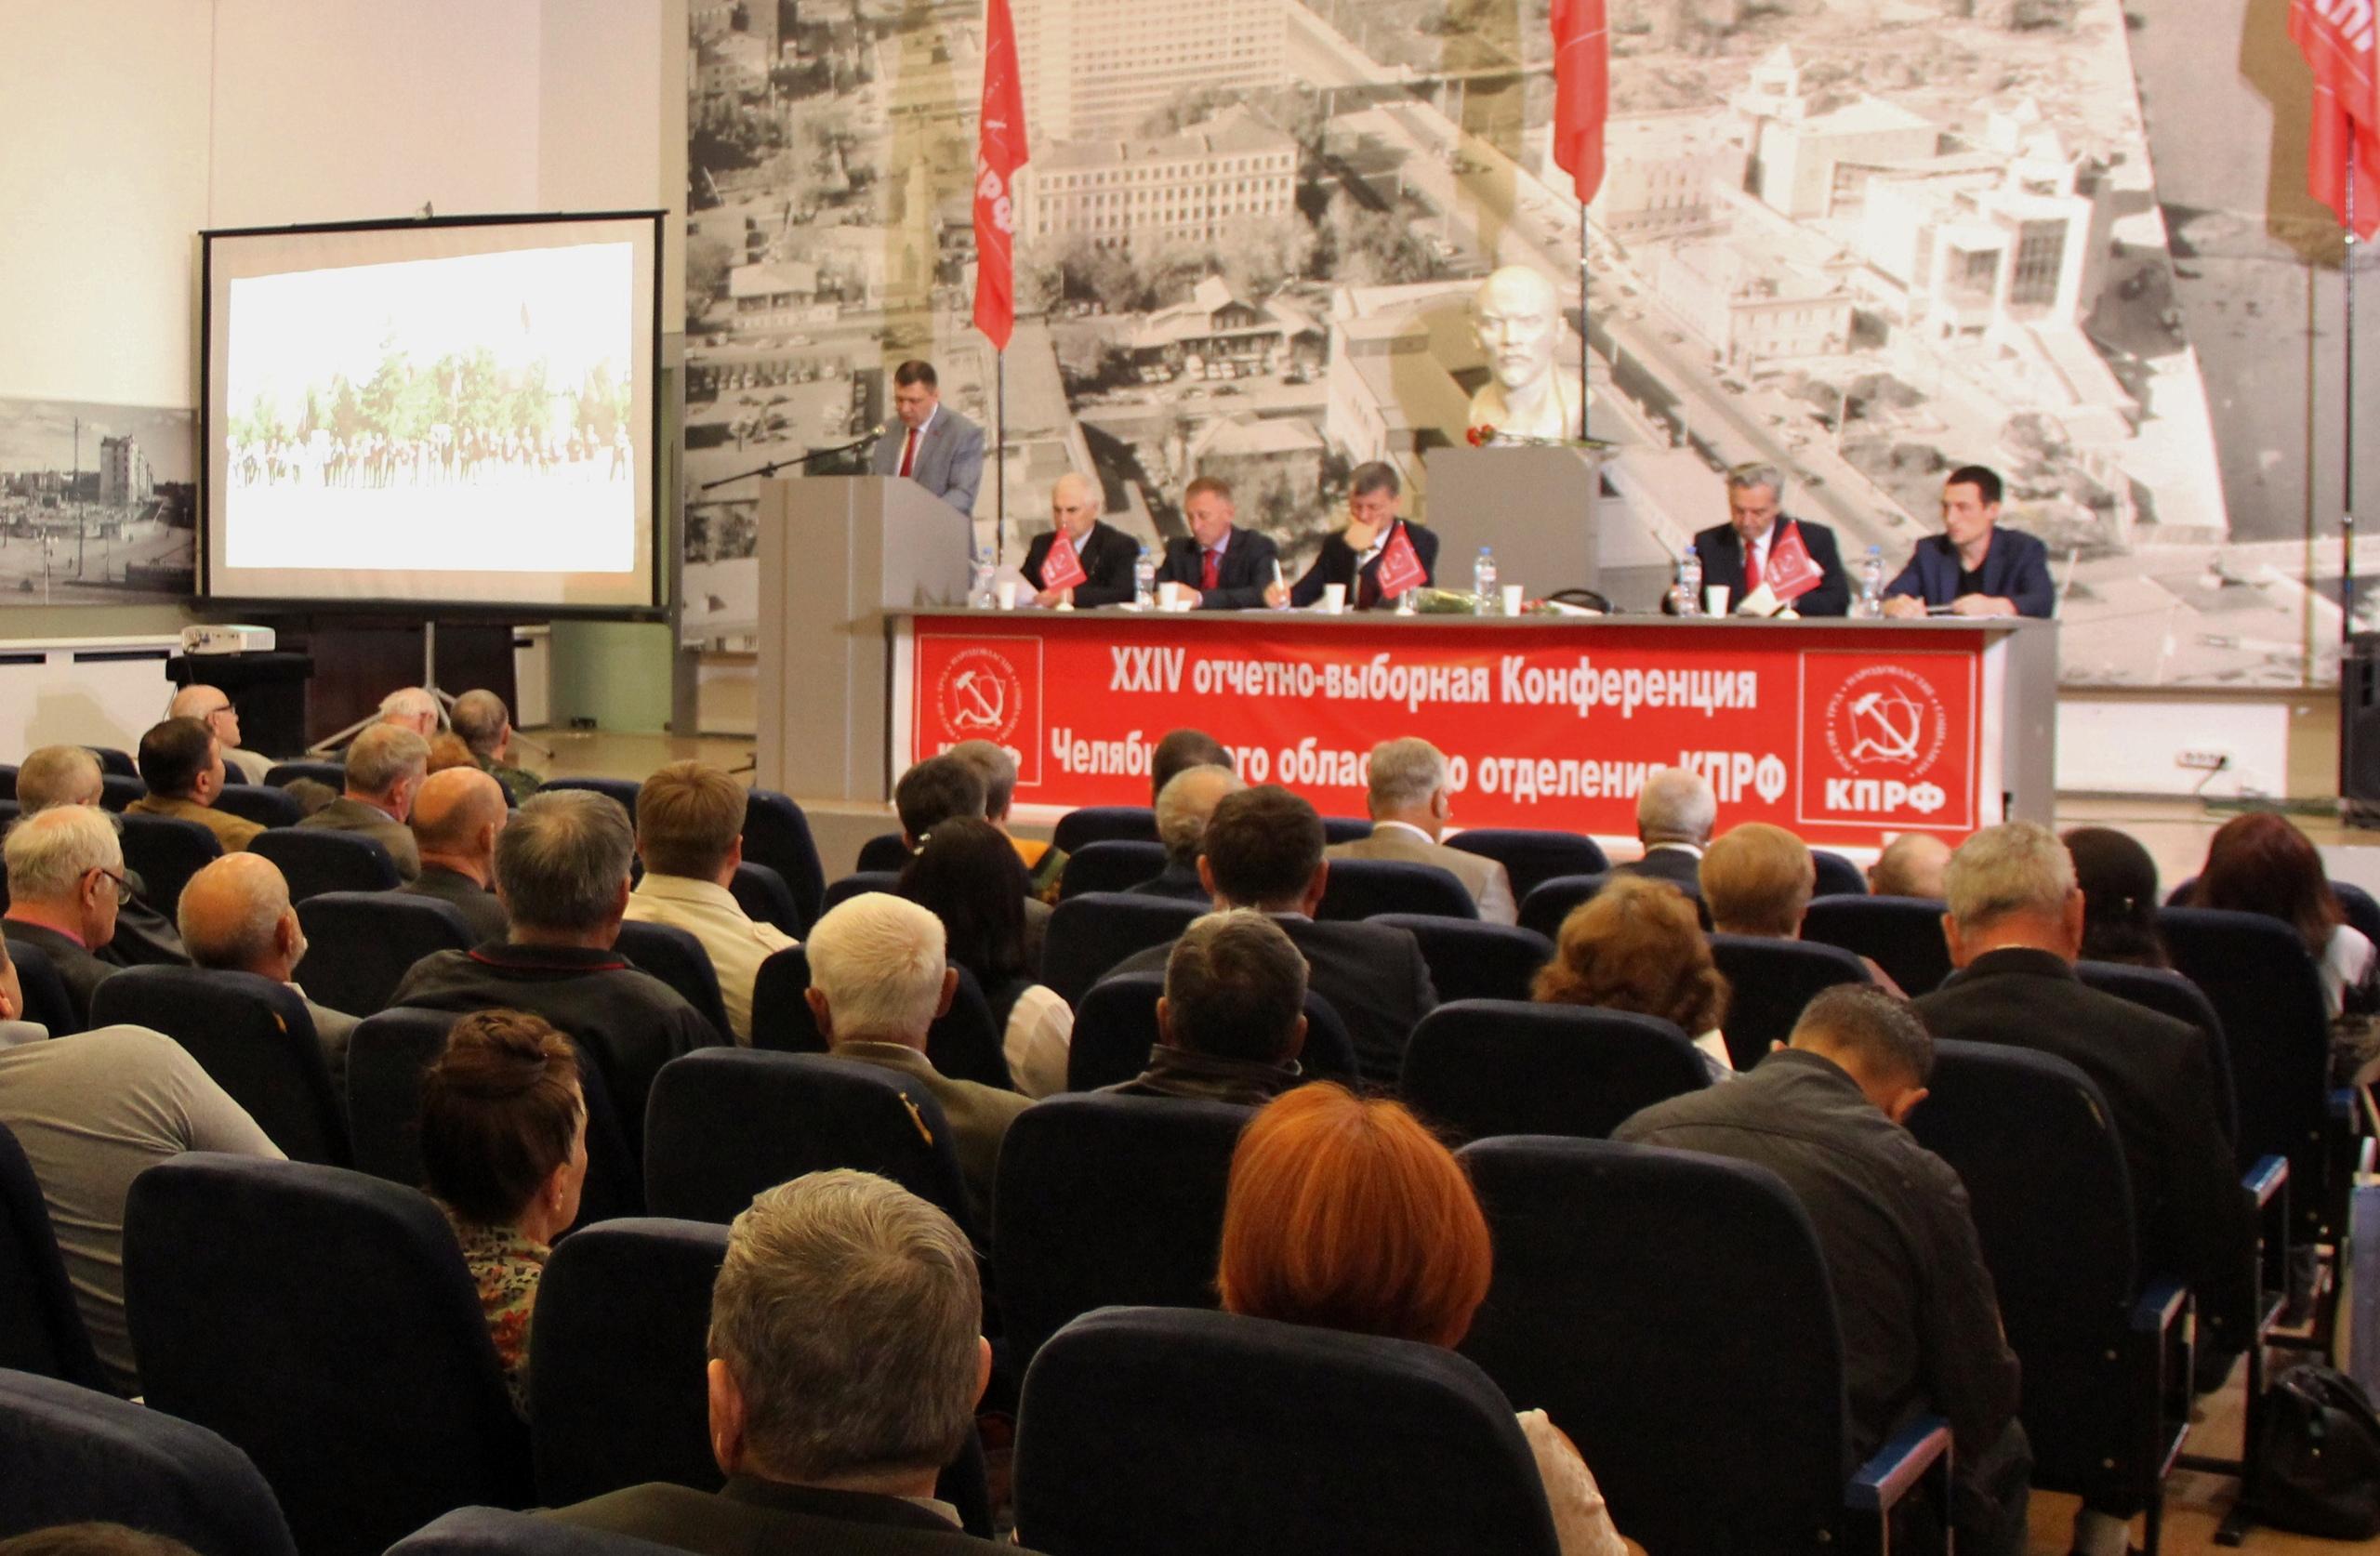 Областная конференция: смена поколений и омоложение партийных рядов